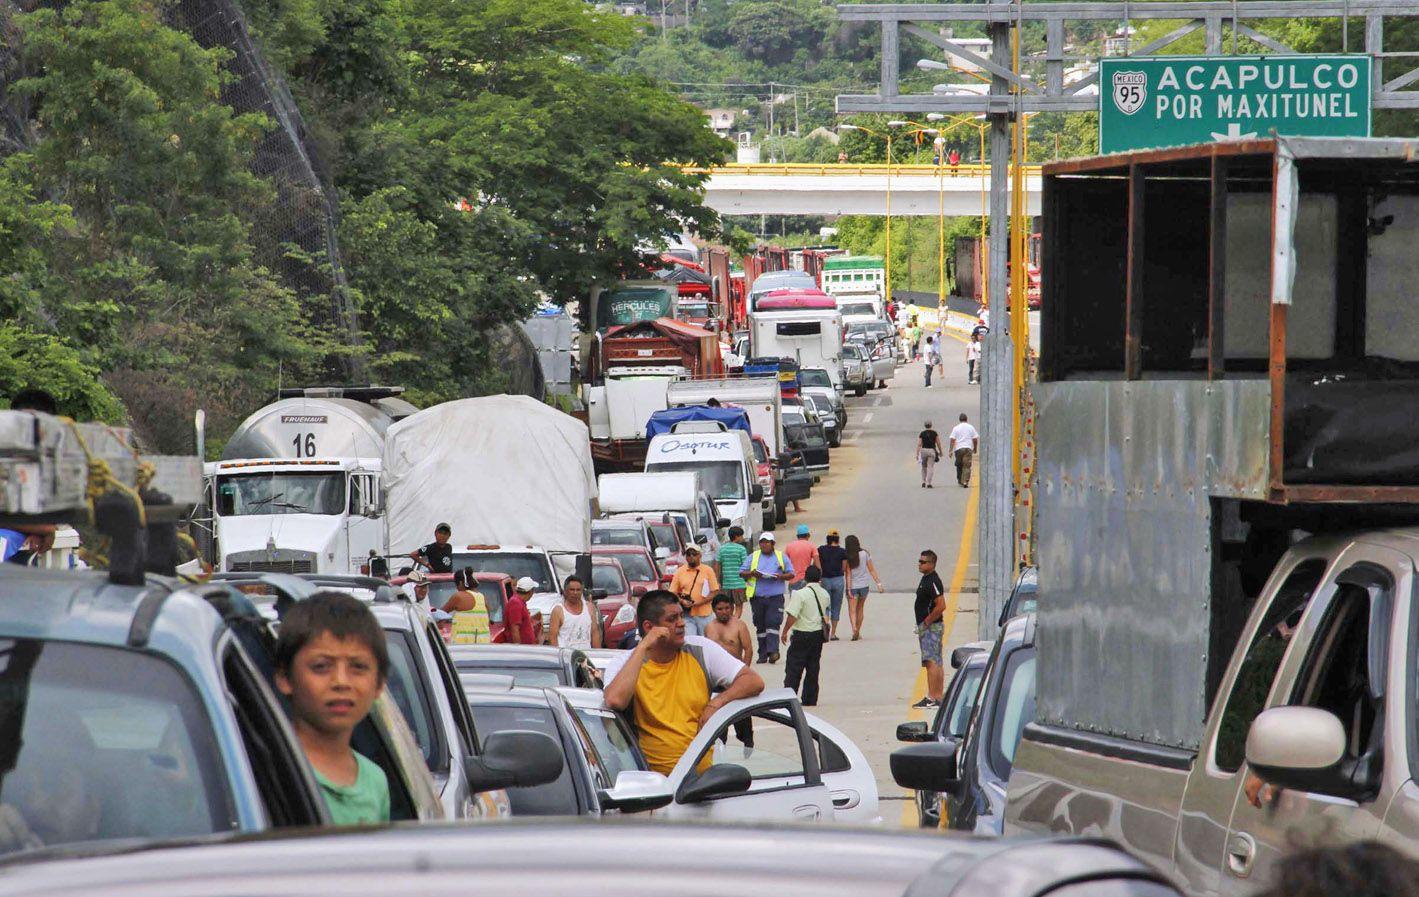 Automovilistas atrapados por un atasco de tránsito cerca del balneario internacional de Acapulco.